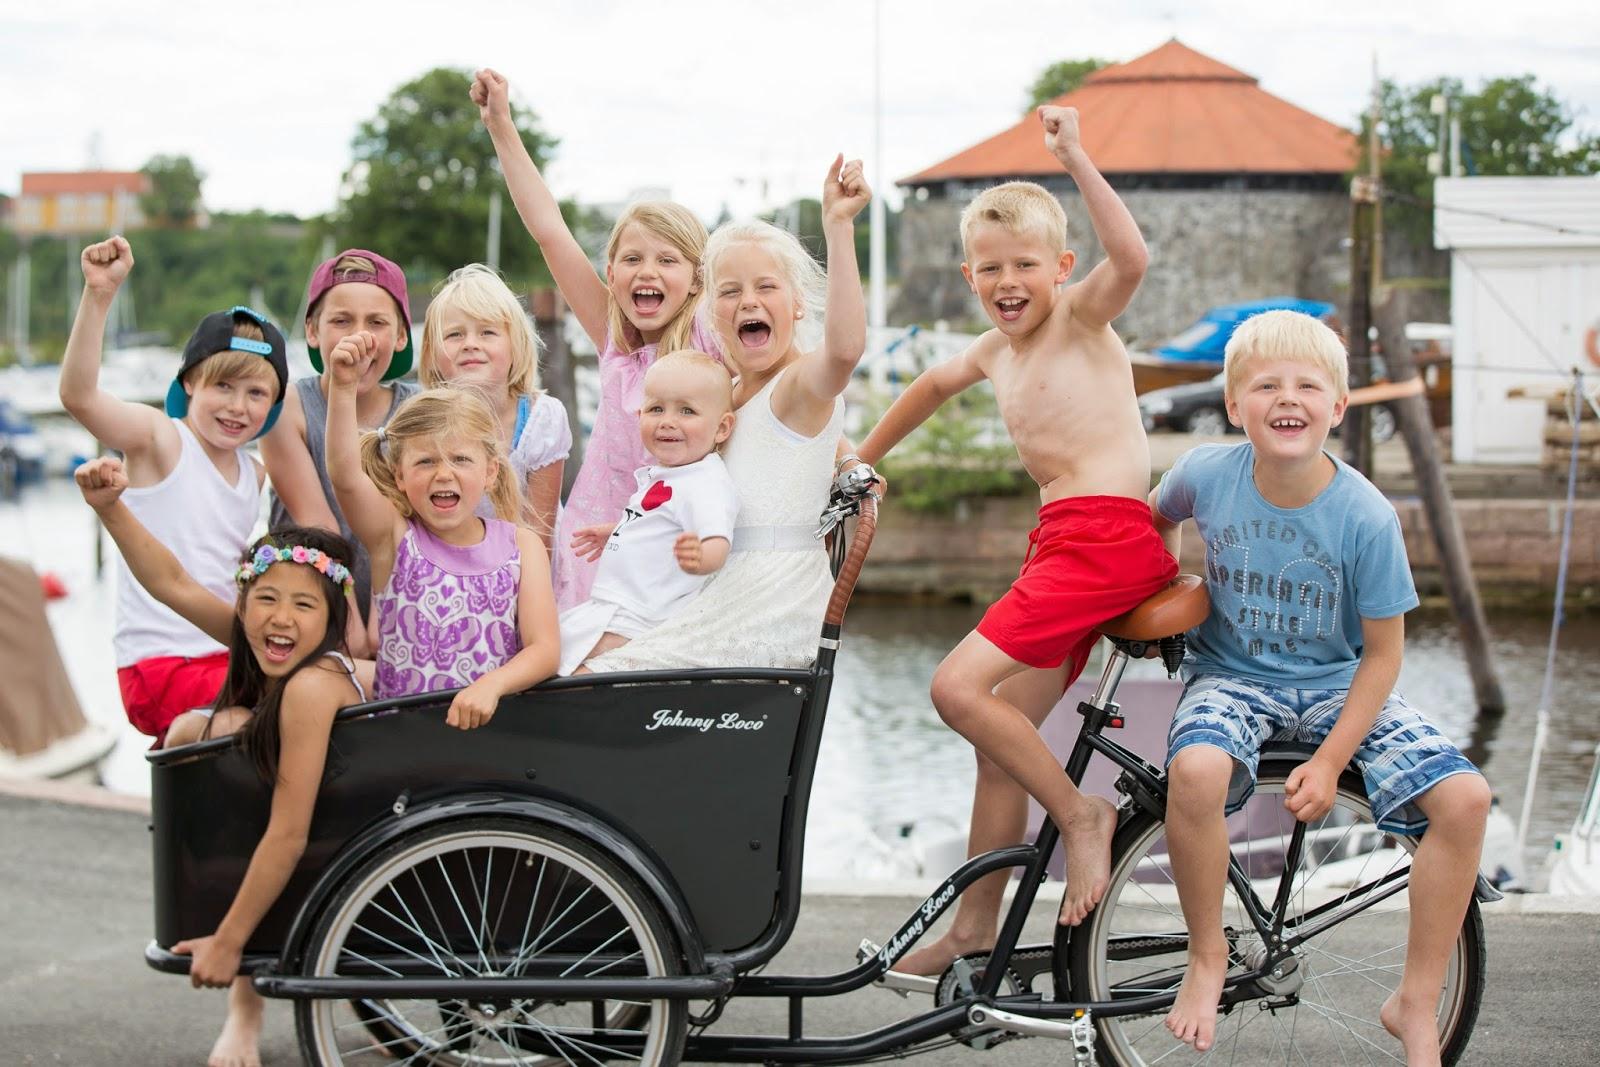 Foto: Lisbeth Finsådal©Visit Sørlandet